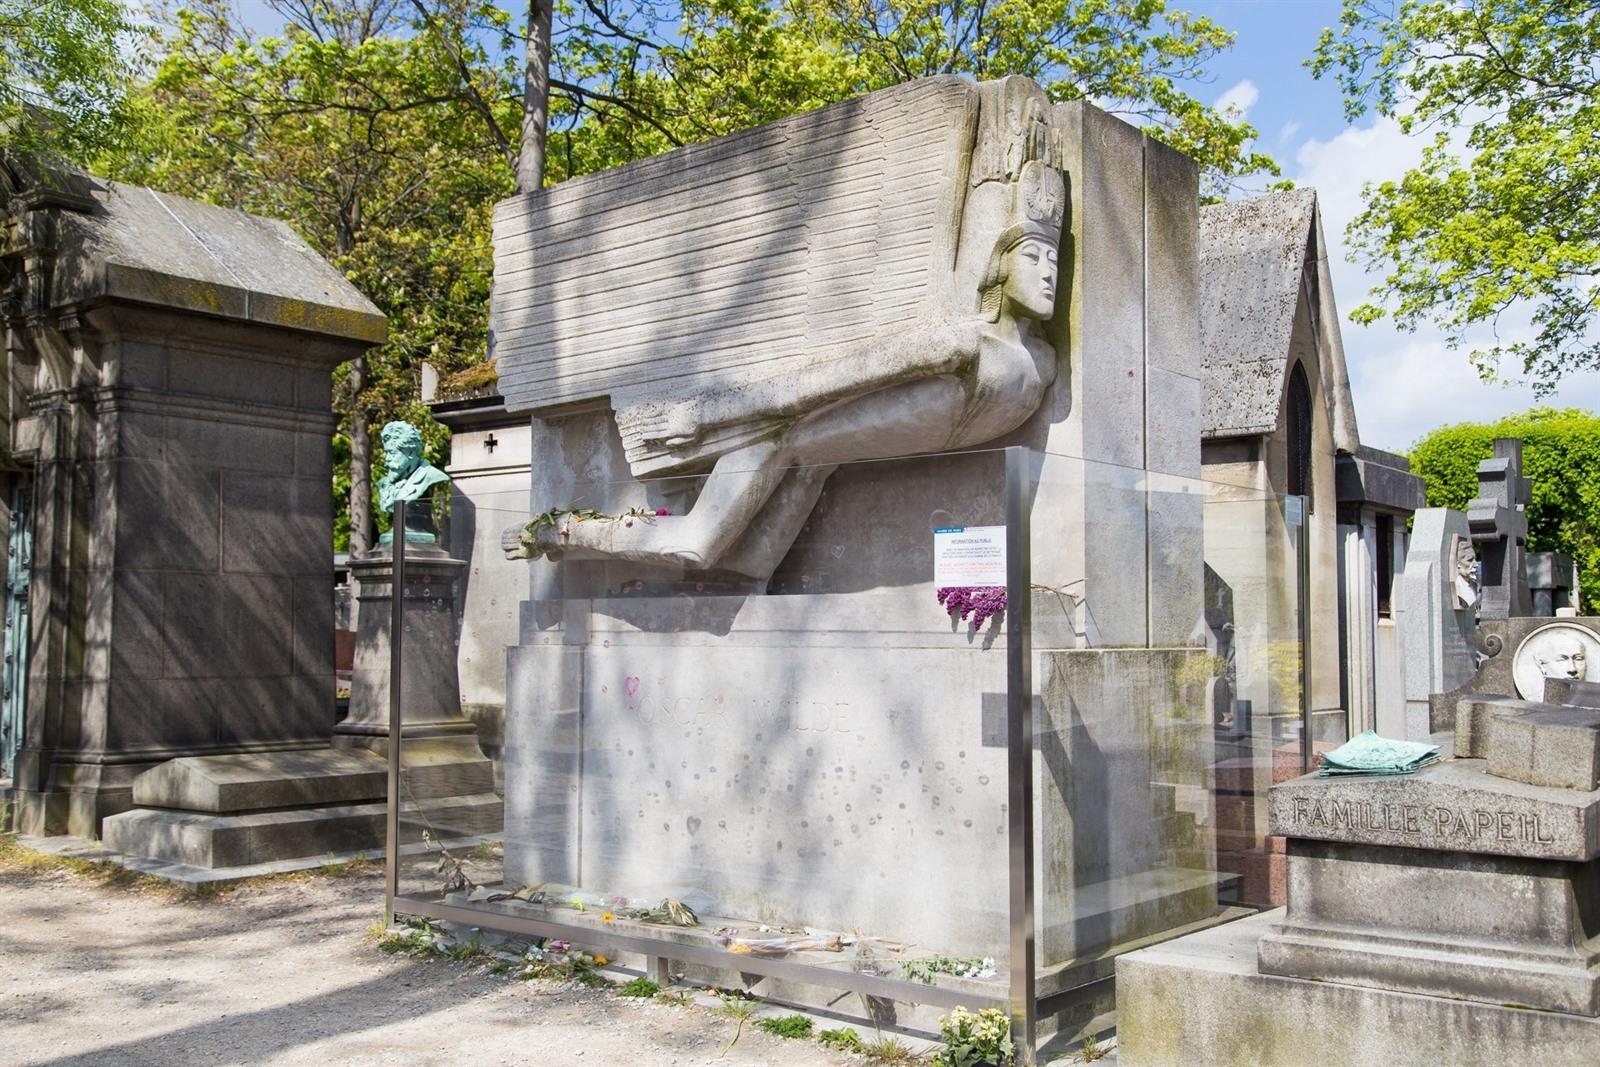 Beroemde Mensen In Parijs.Pere Lachaise In Parijs Bezoeken Kerkhof Met Beroemde Graven